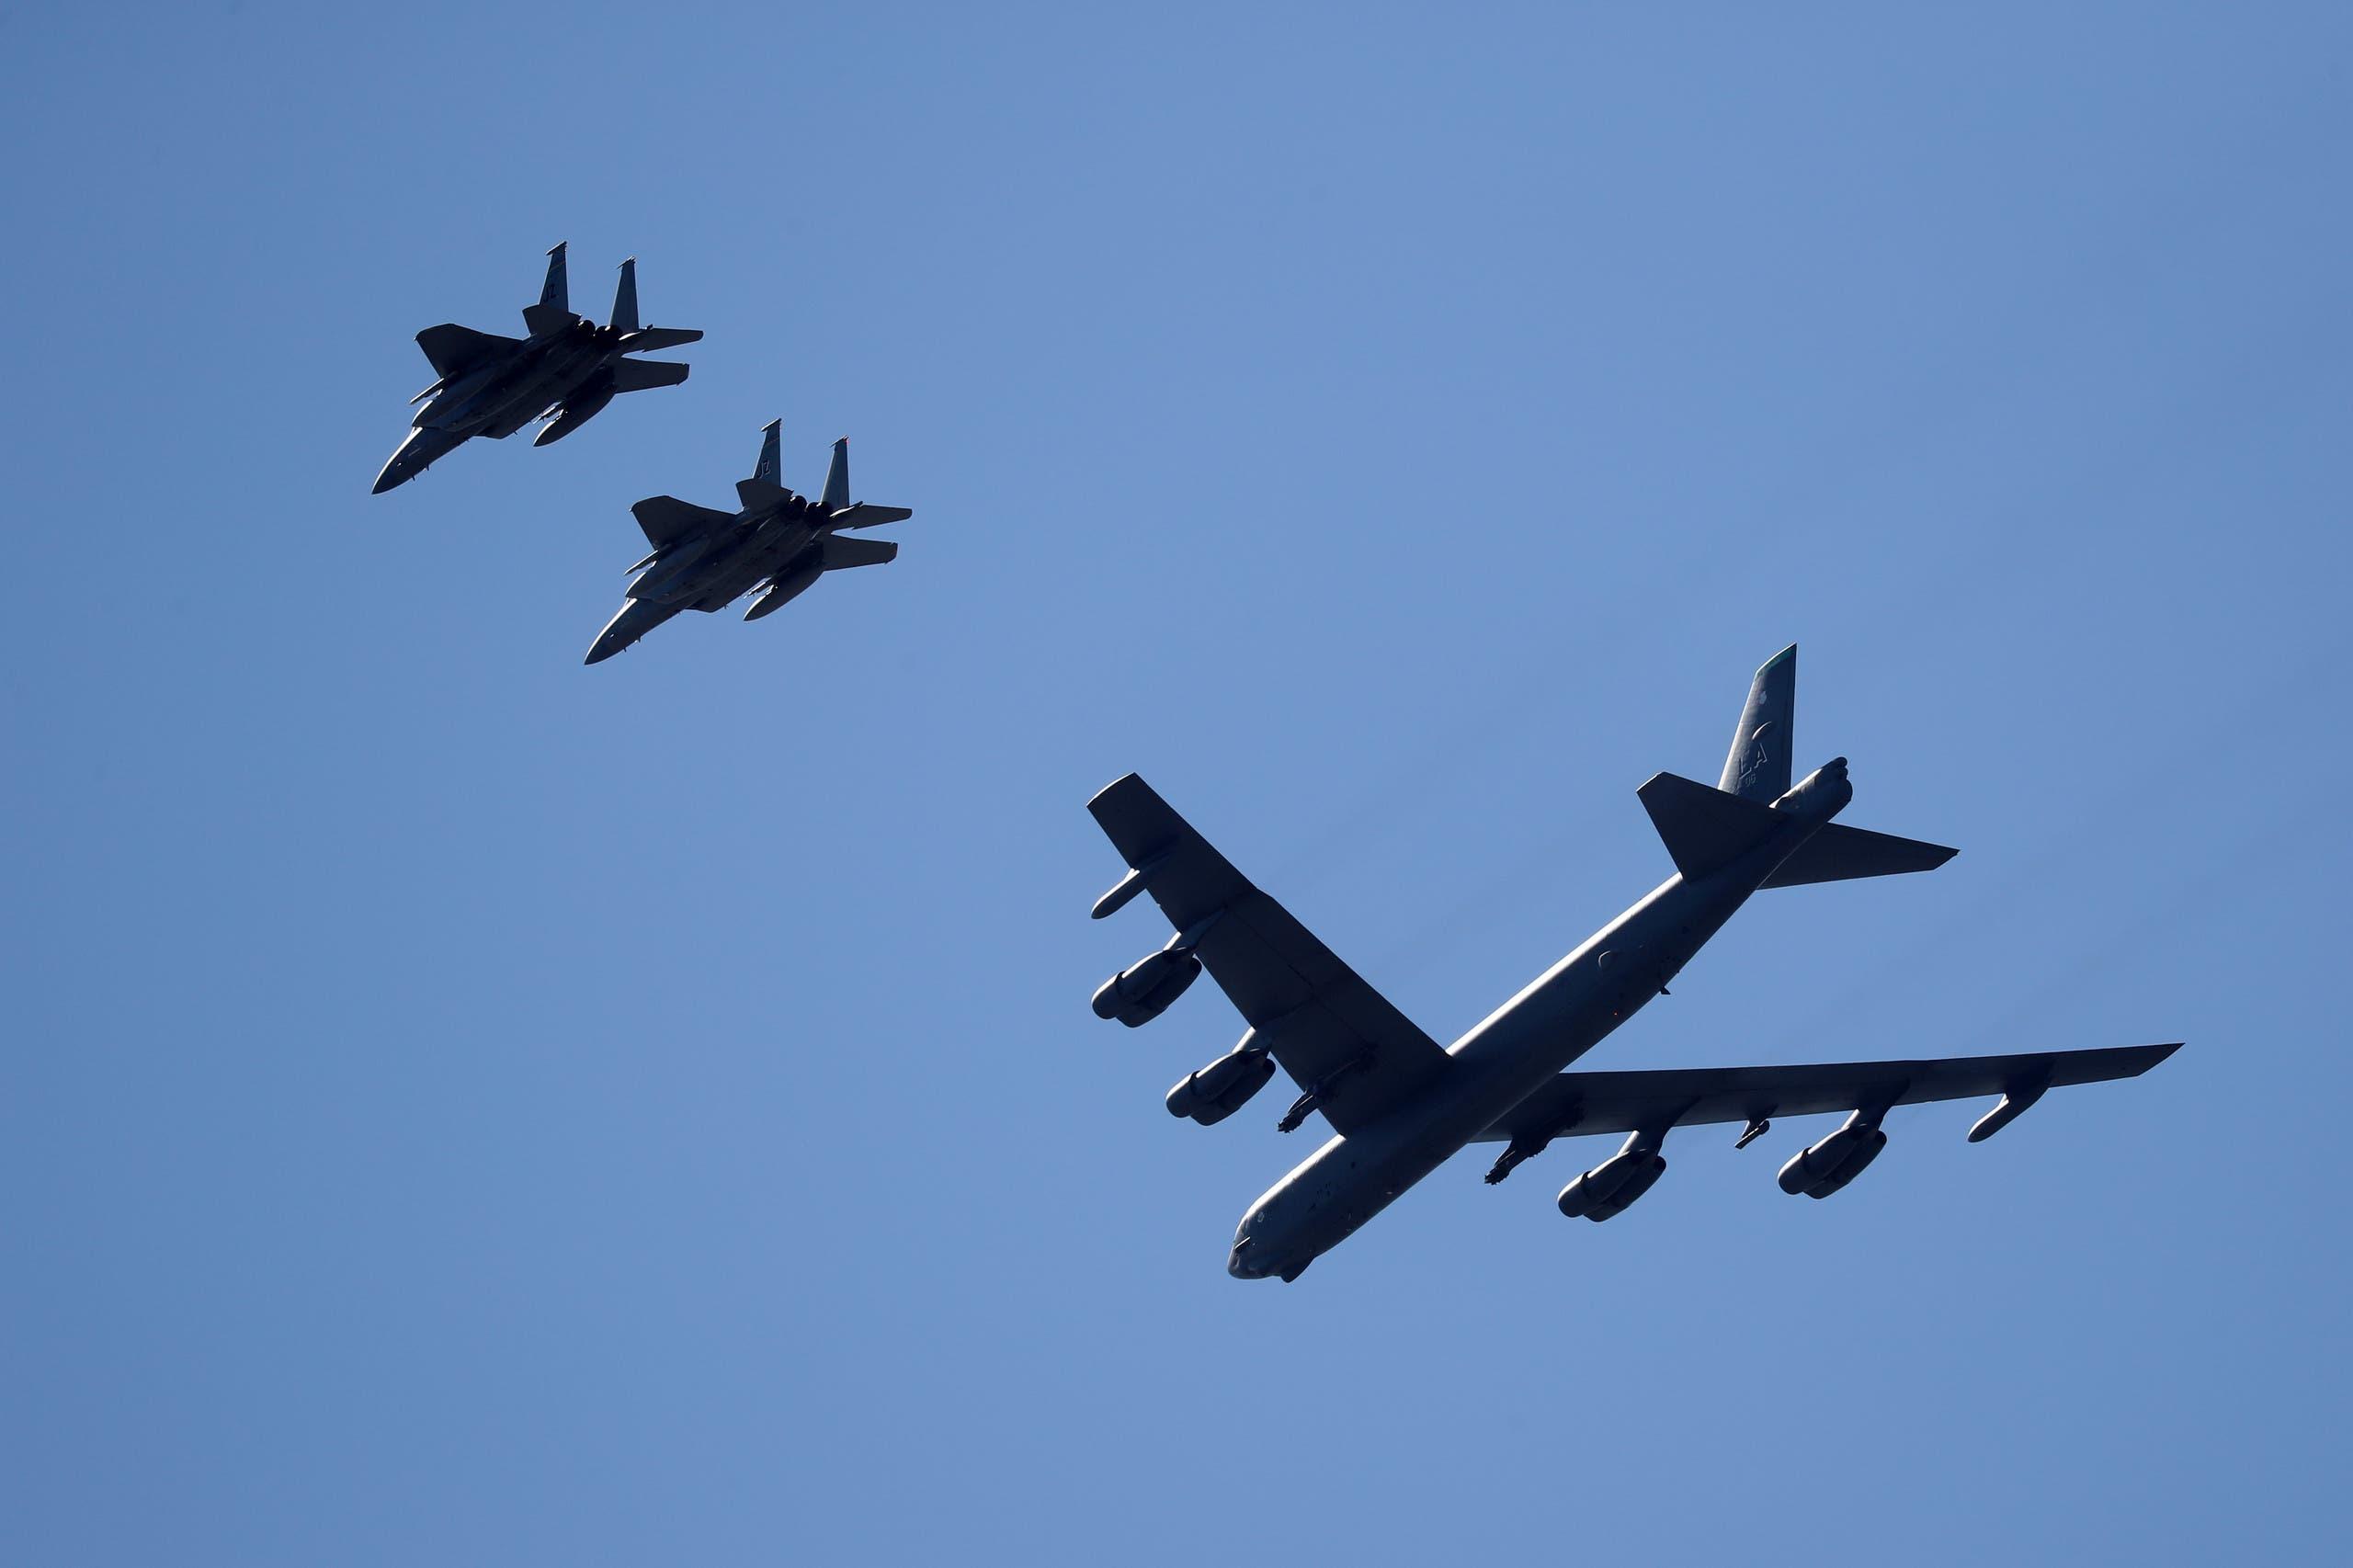 بمب افکن آمریکایی B-52 (بایگانی - فرانس پرس)